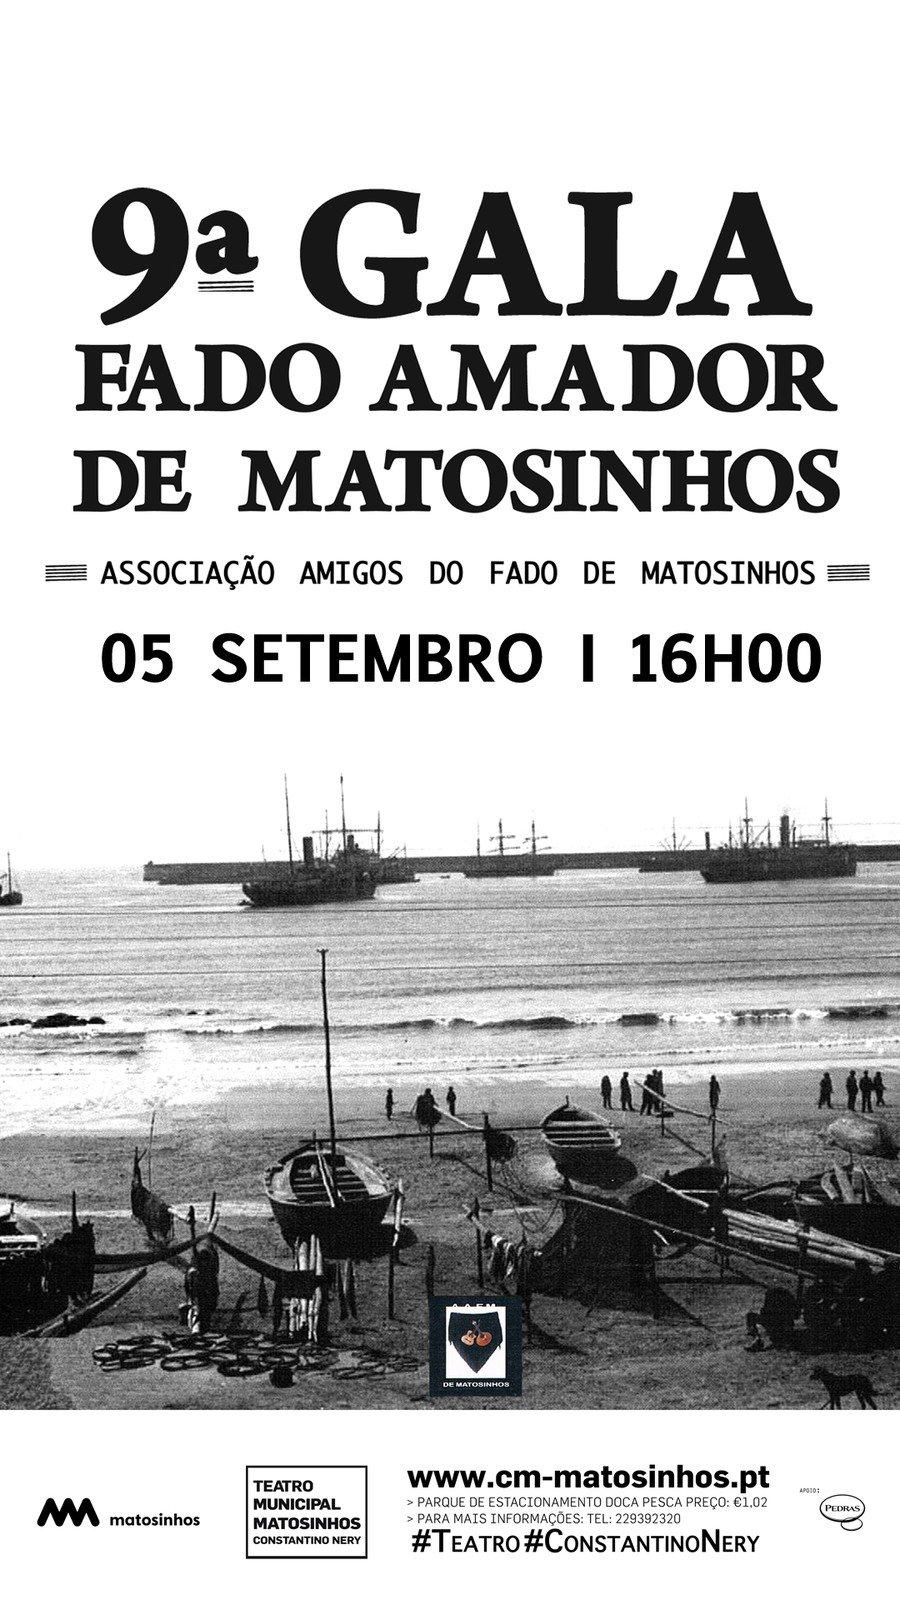 9ª Gala Fado Amador de Matosinhos